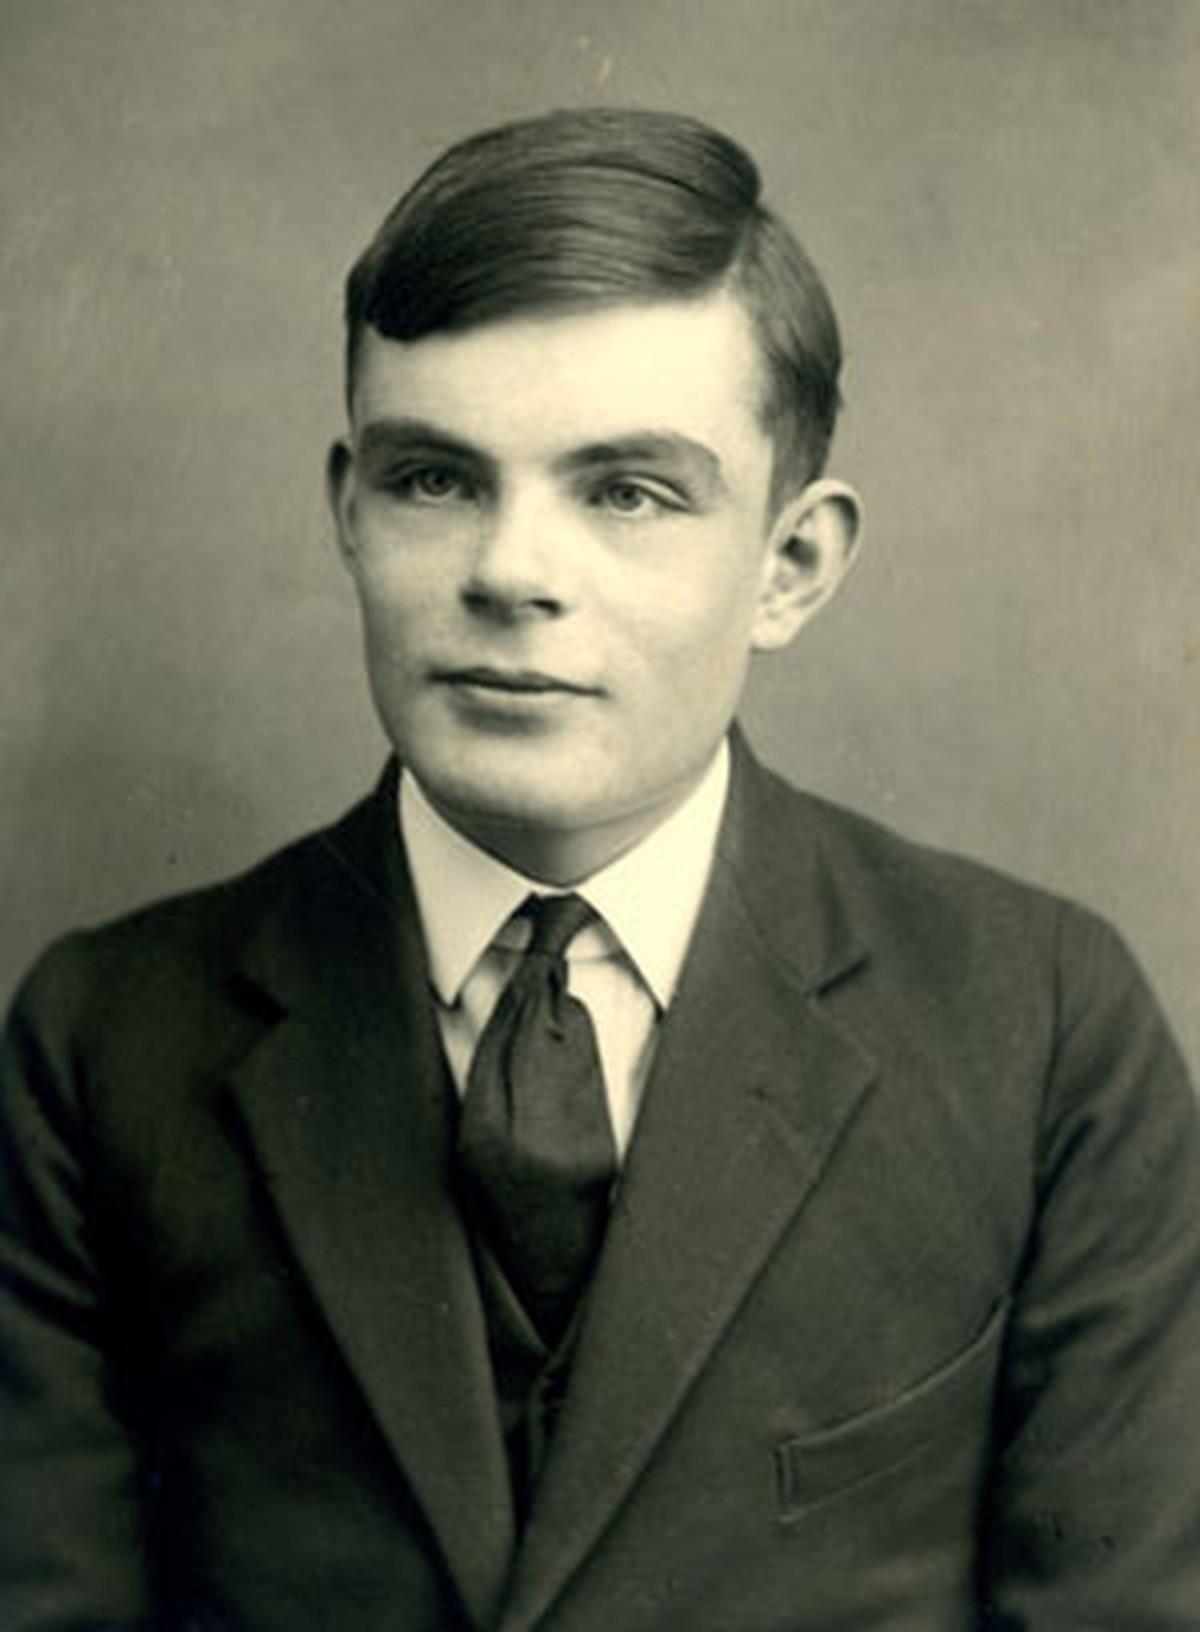 Coleção de 150 cartas inéditas de Alan Turing é descoberta no Reino Unido